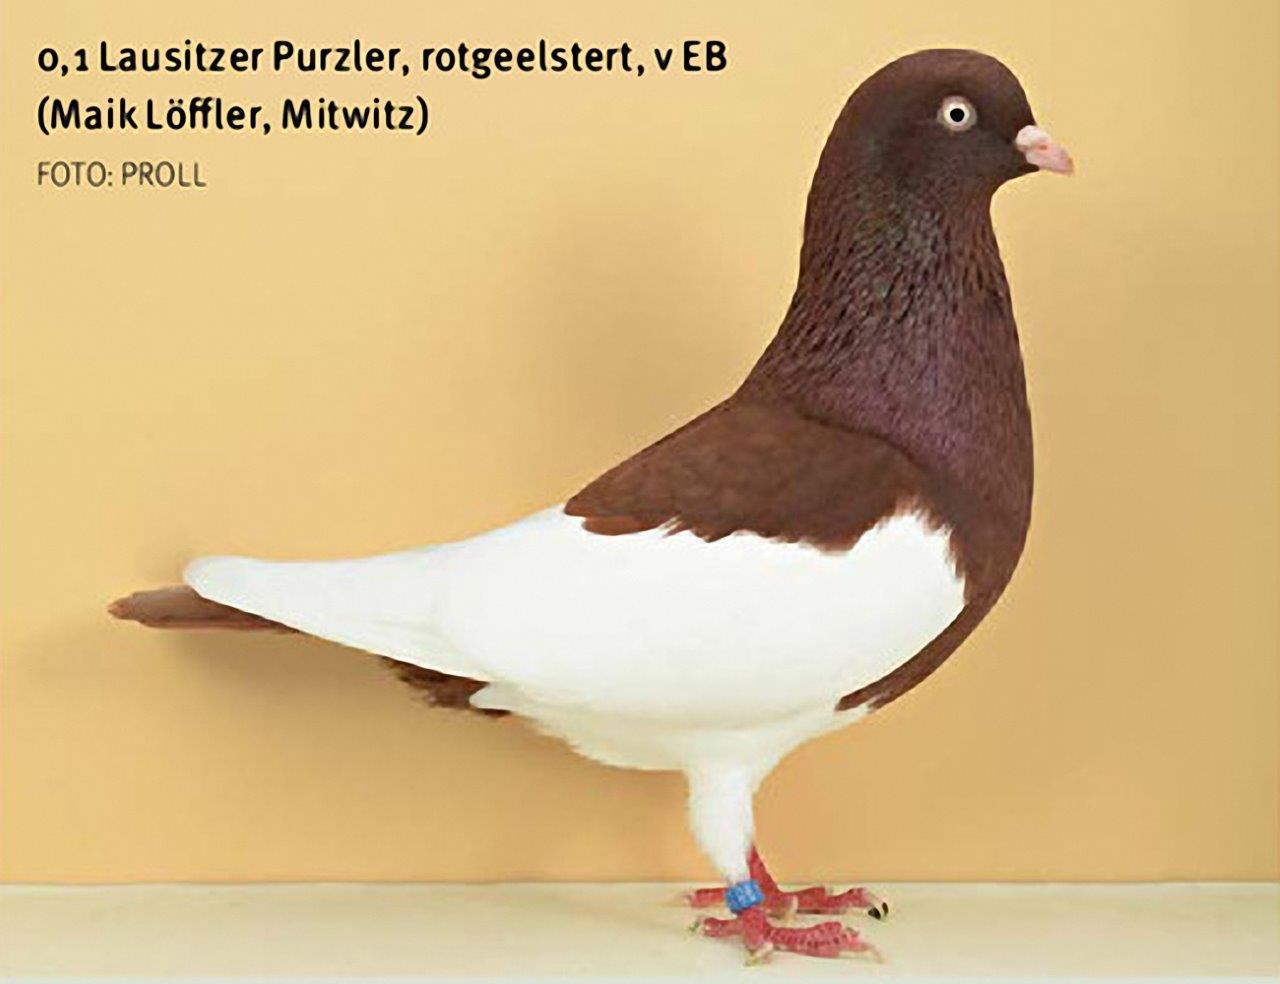 Elsterpurzler rotgeelstert - Züchter Maik Löffler